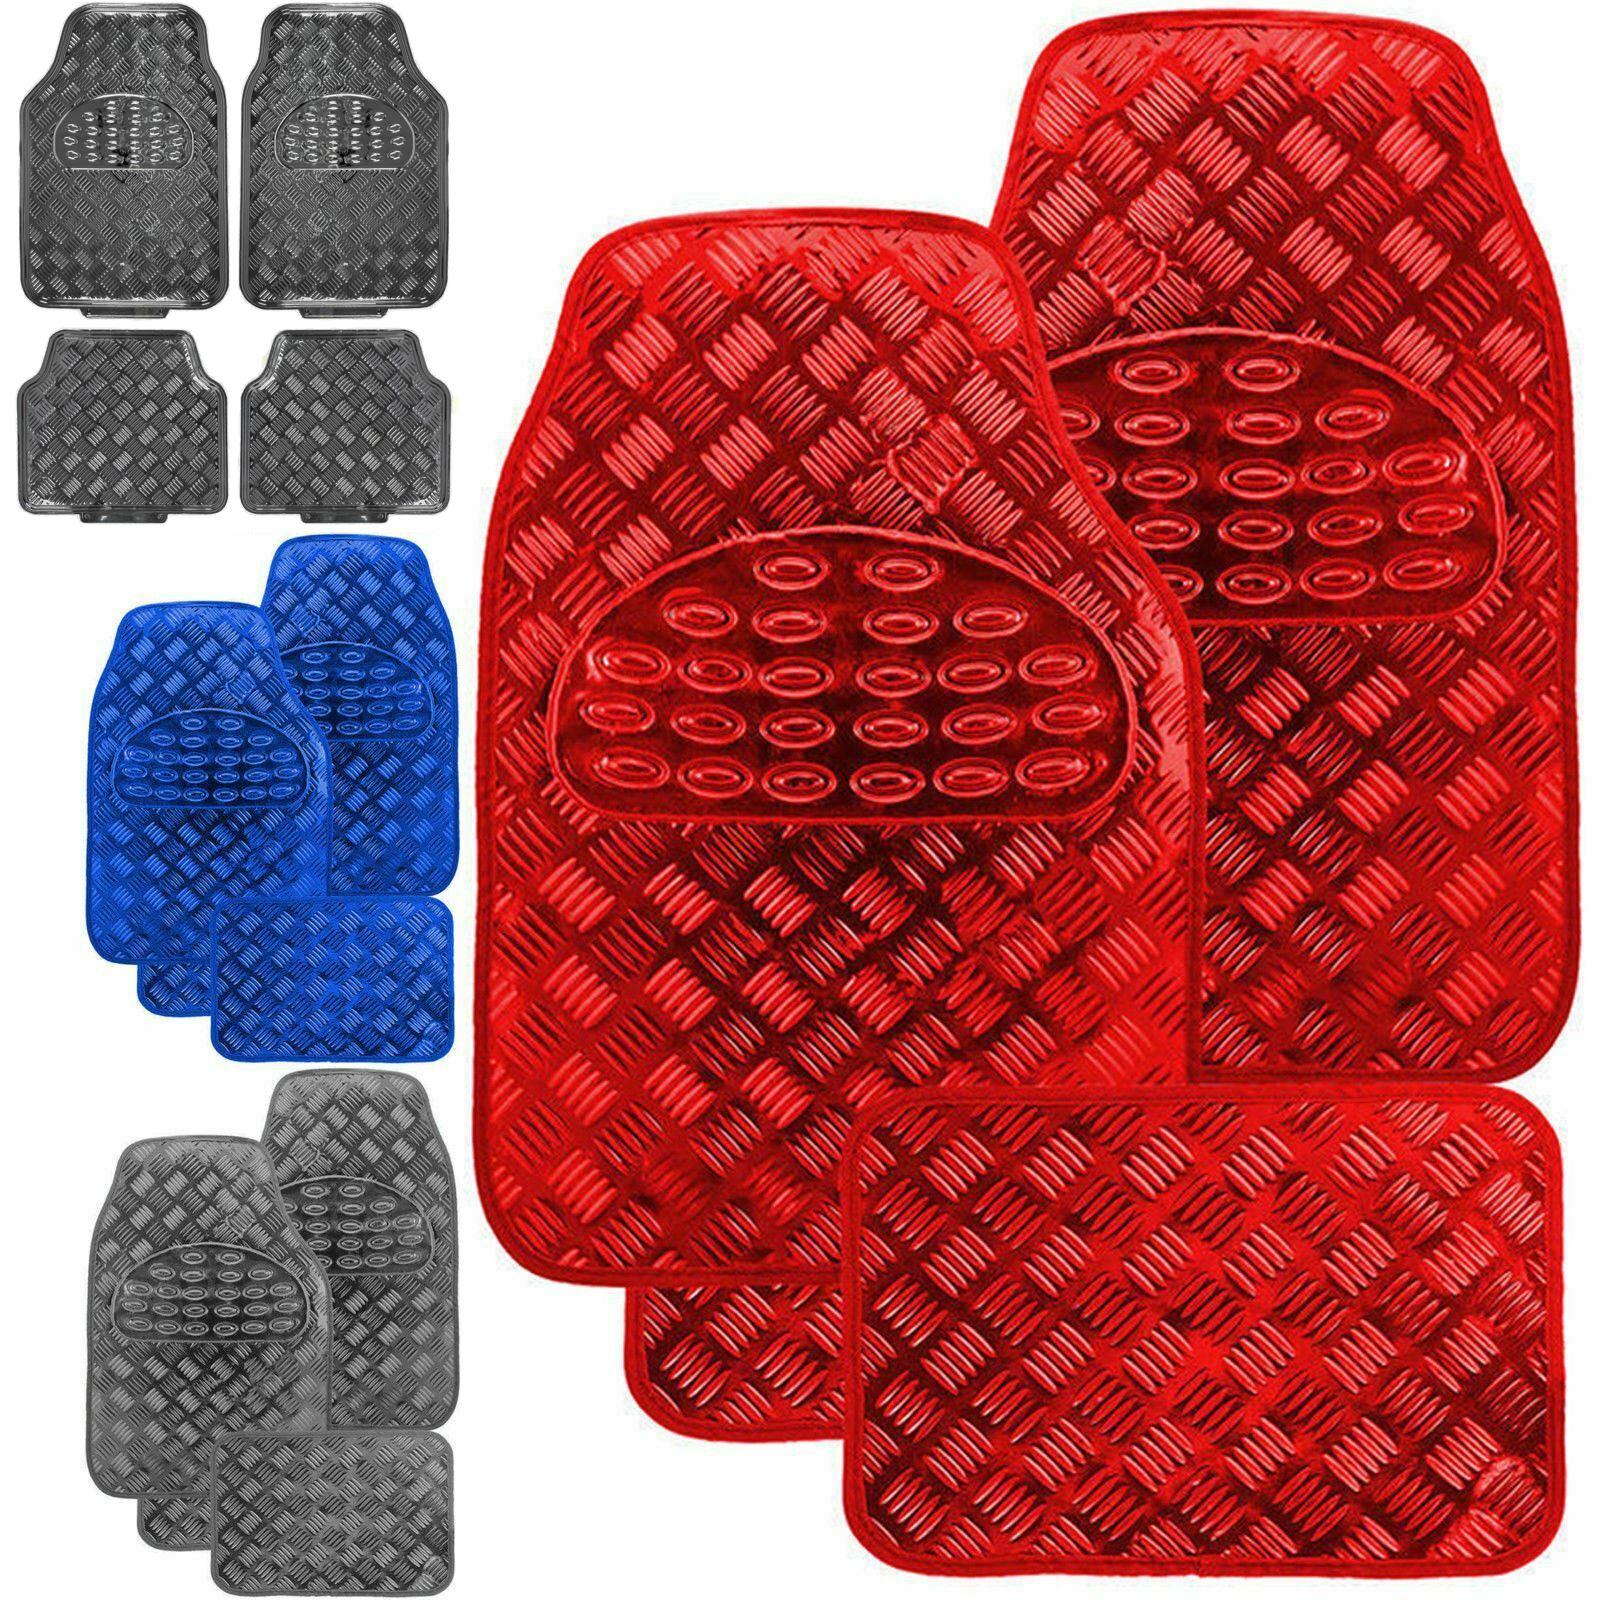 CHROME 4pc mat set metal race car styling mats Checker Heavy duty floor rubber